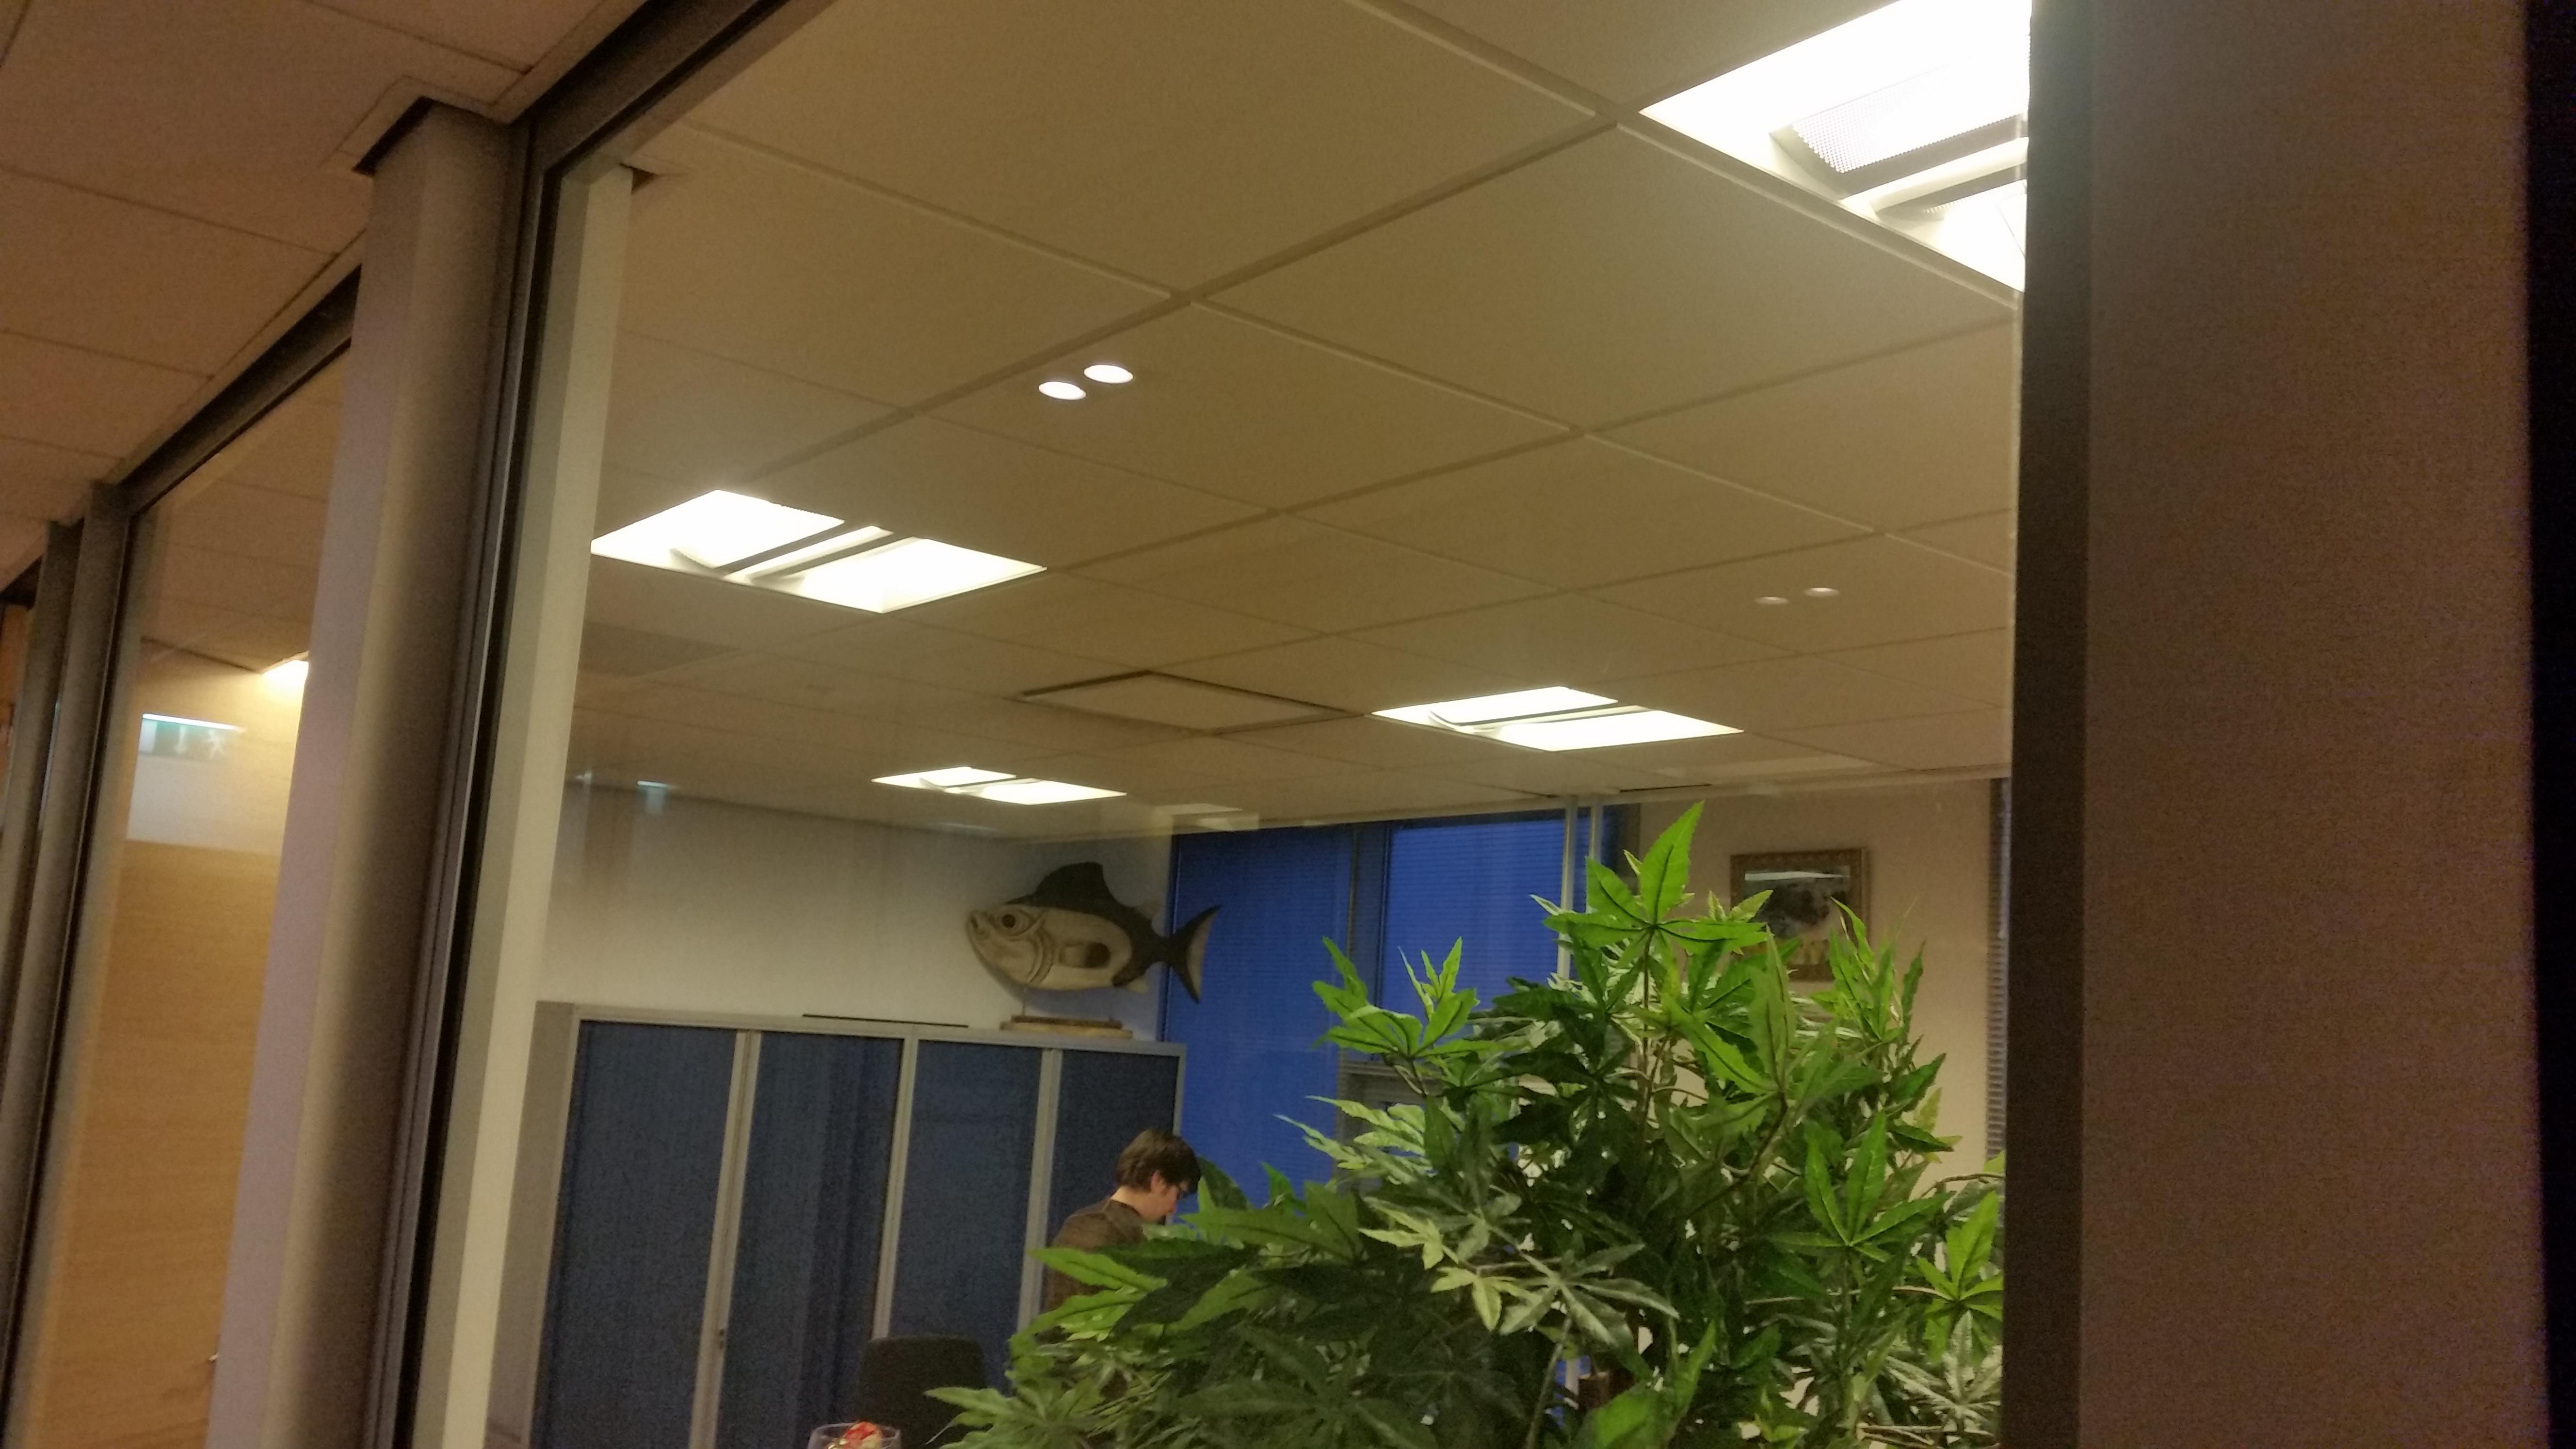 kantoor verlicht met indirecte pl verlichting